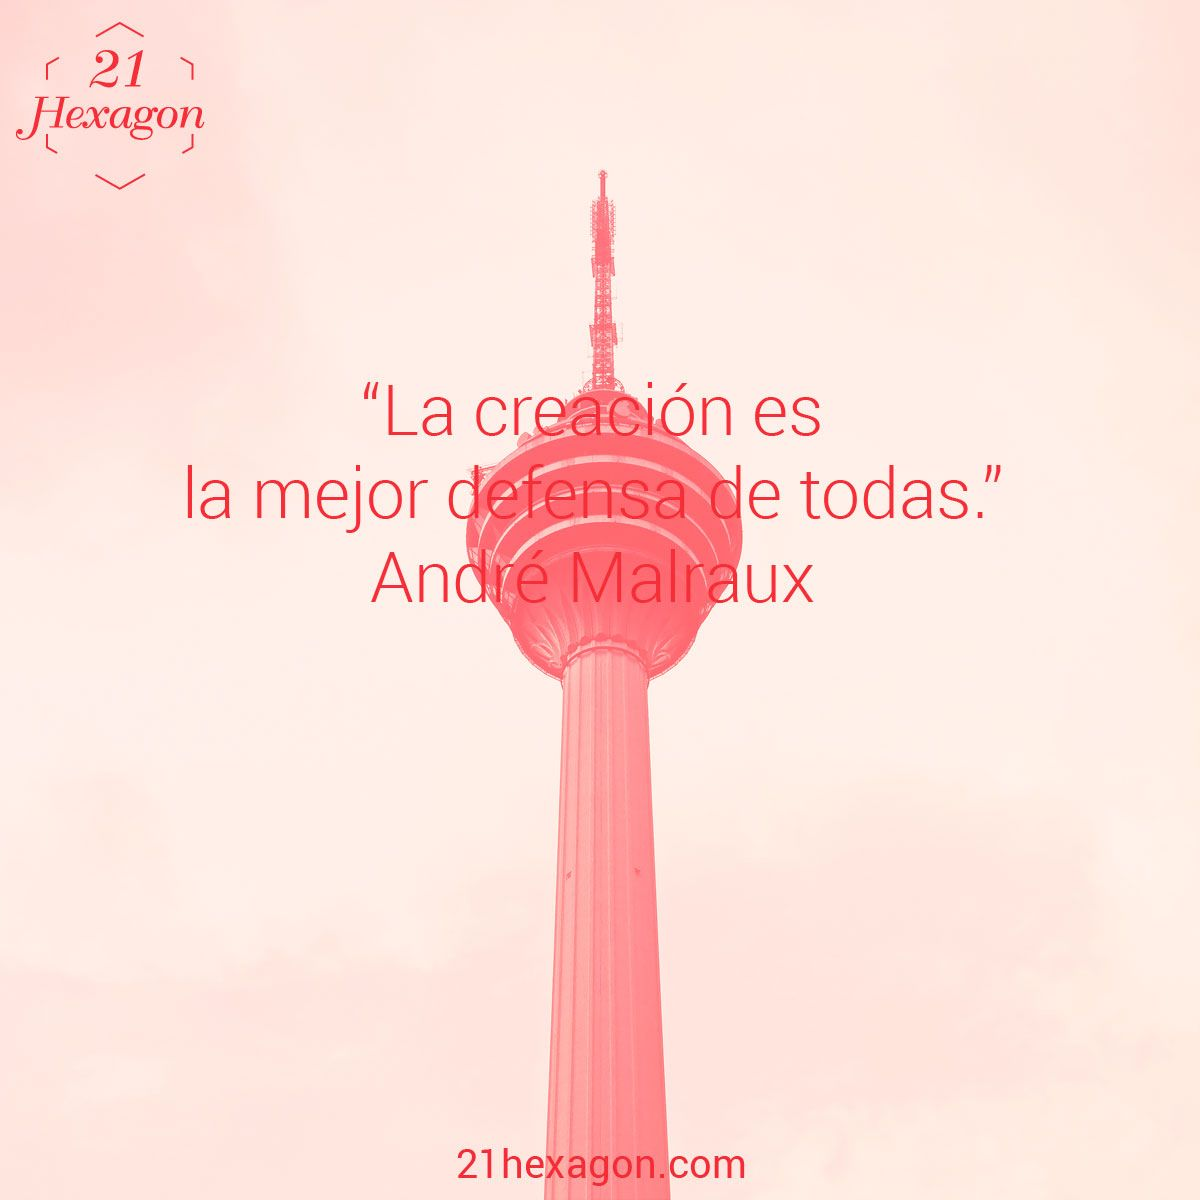 quotes_21hexagon_43.jpg